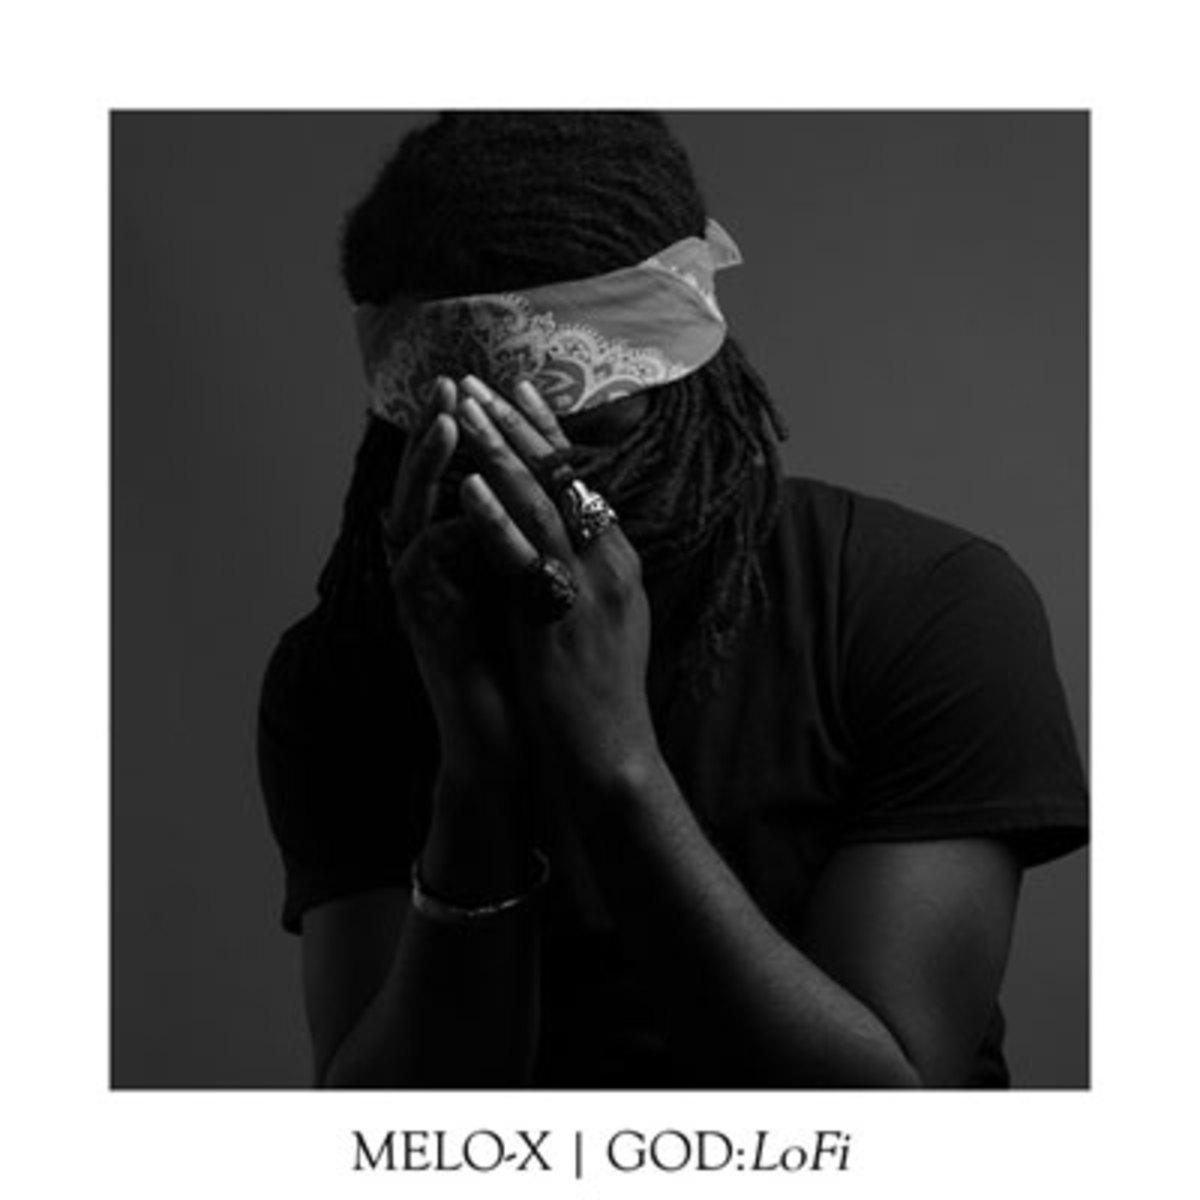 melox-godlofi.jpg